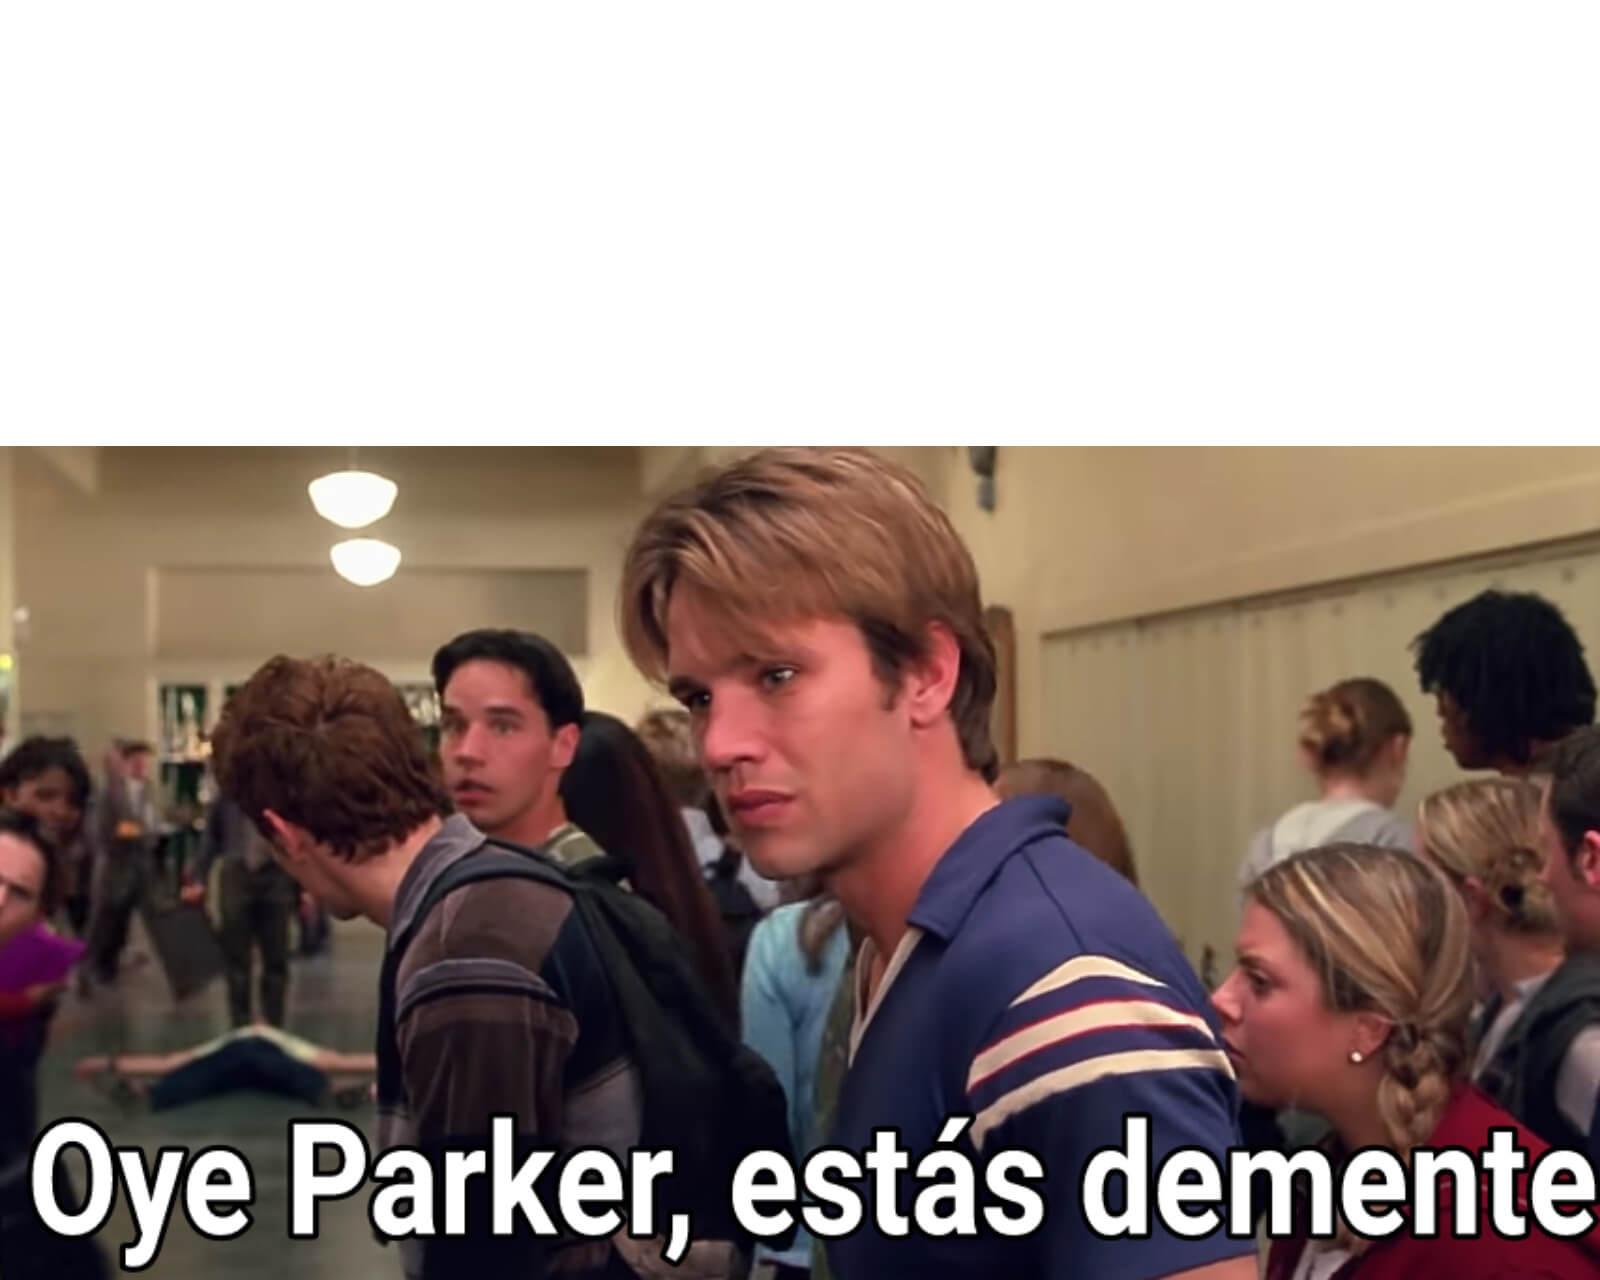 Ir a la pagina de la plantilla Oye Parker, estás demente.